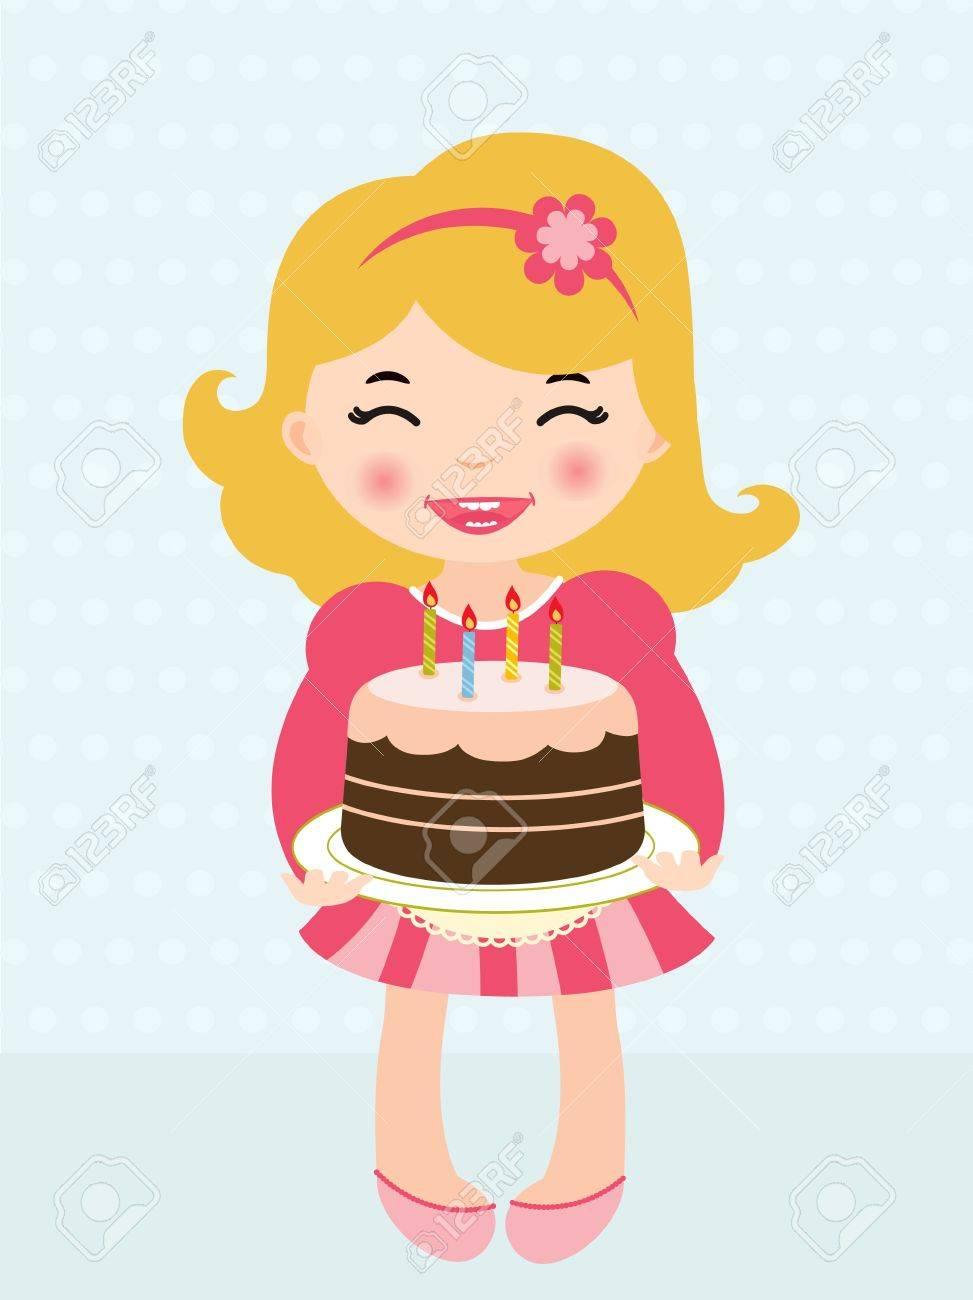 Girl Holding Cake Clipart.